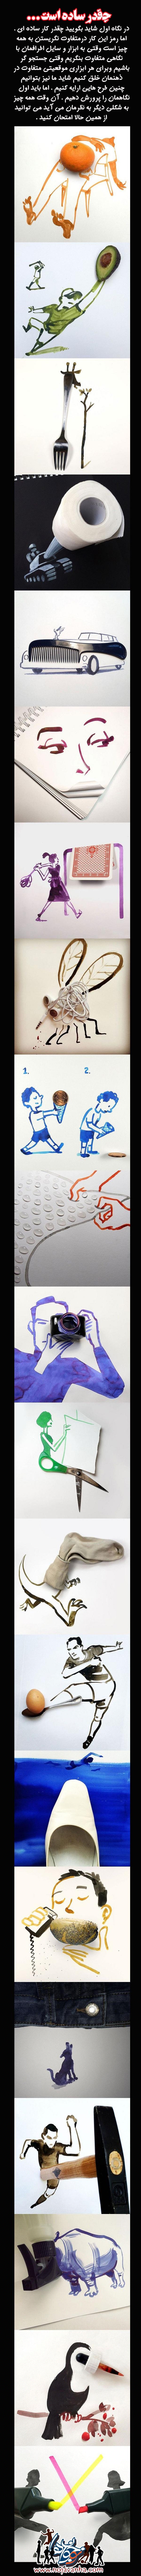 آثار هنری ساده و زیبا (1)